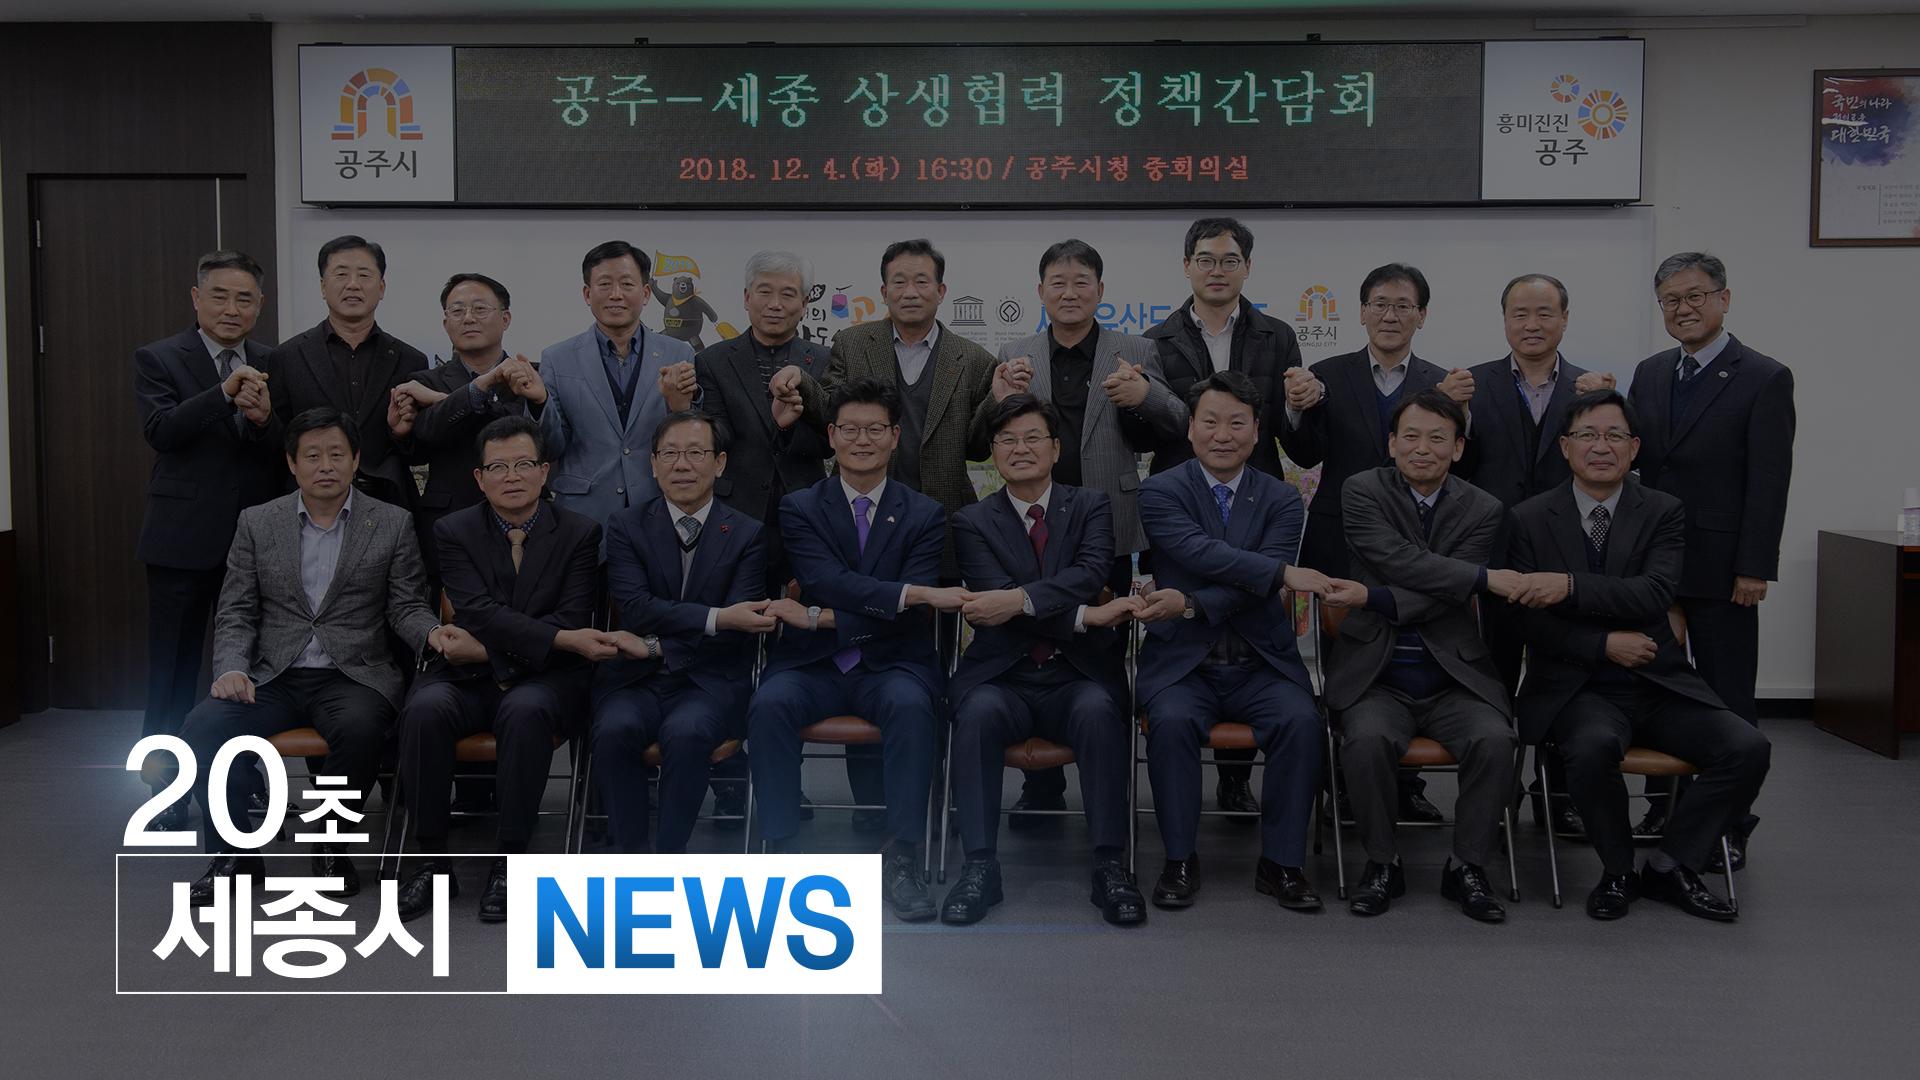 <20초뉴스> 세종-공주 상생협력·공동발전 기반 굳힌다